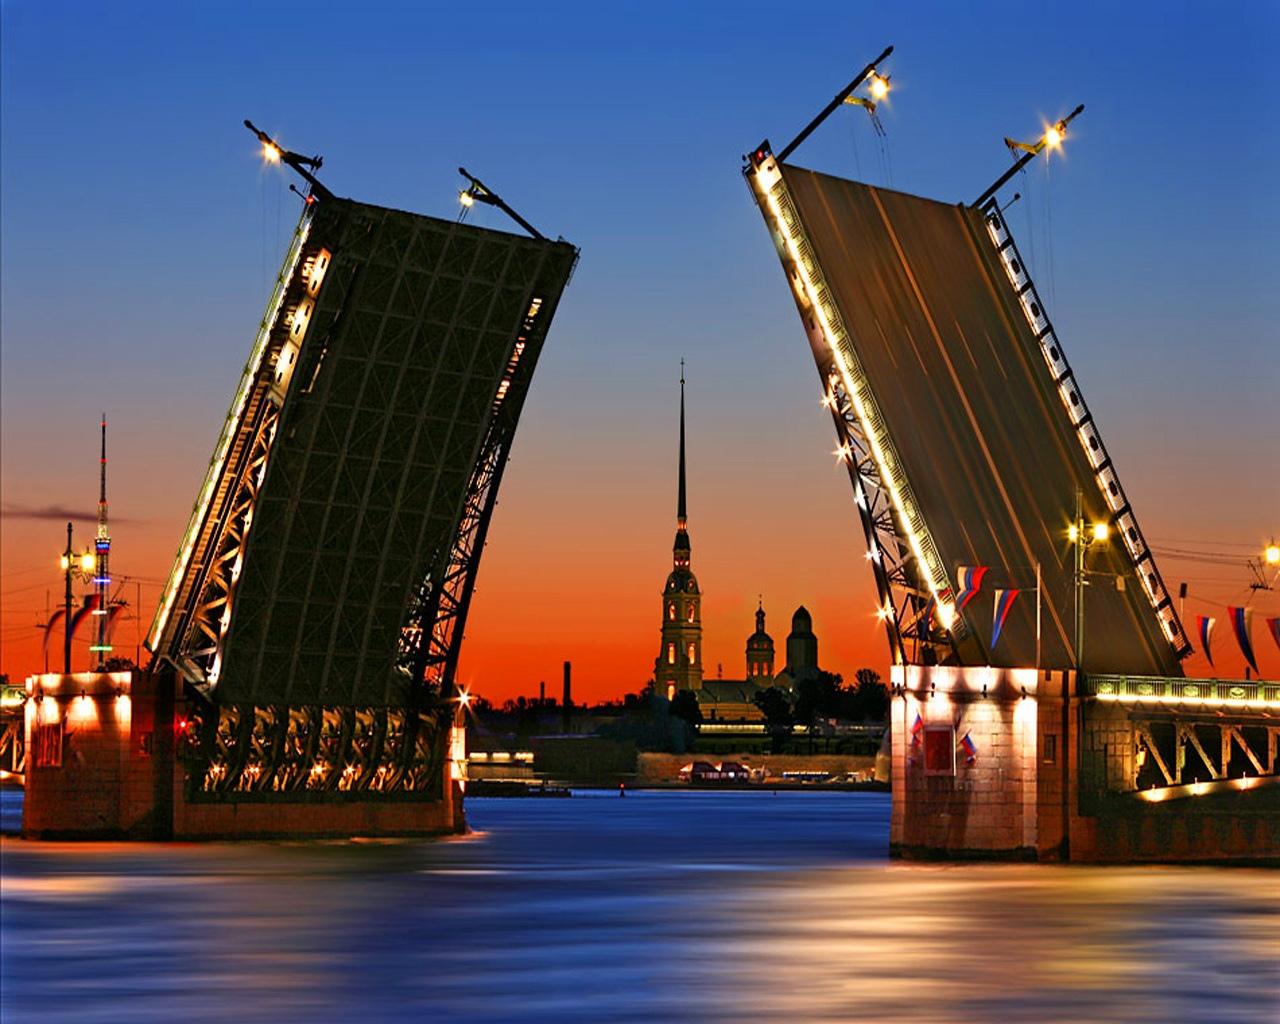 порно сайт самый лучший клип про санкт петербург крайней